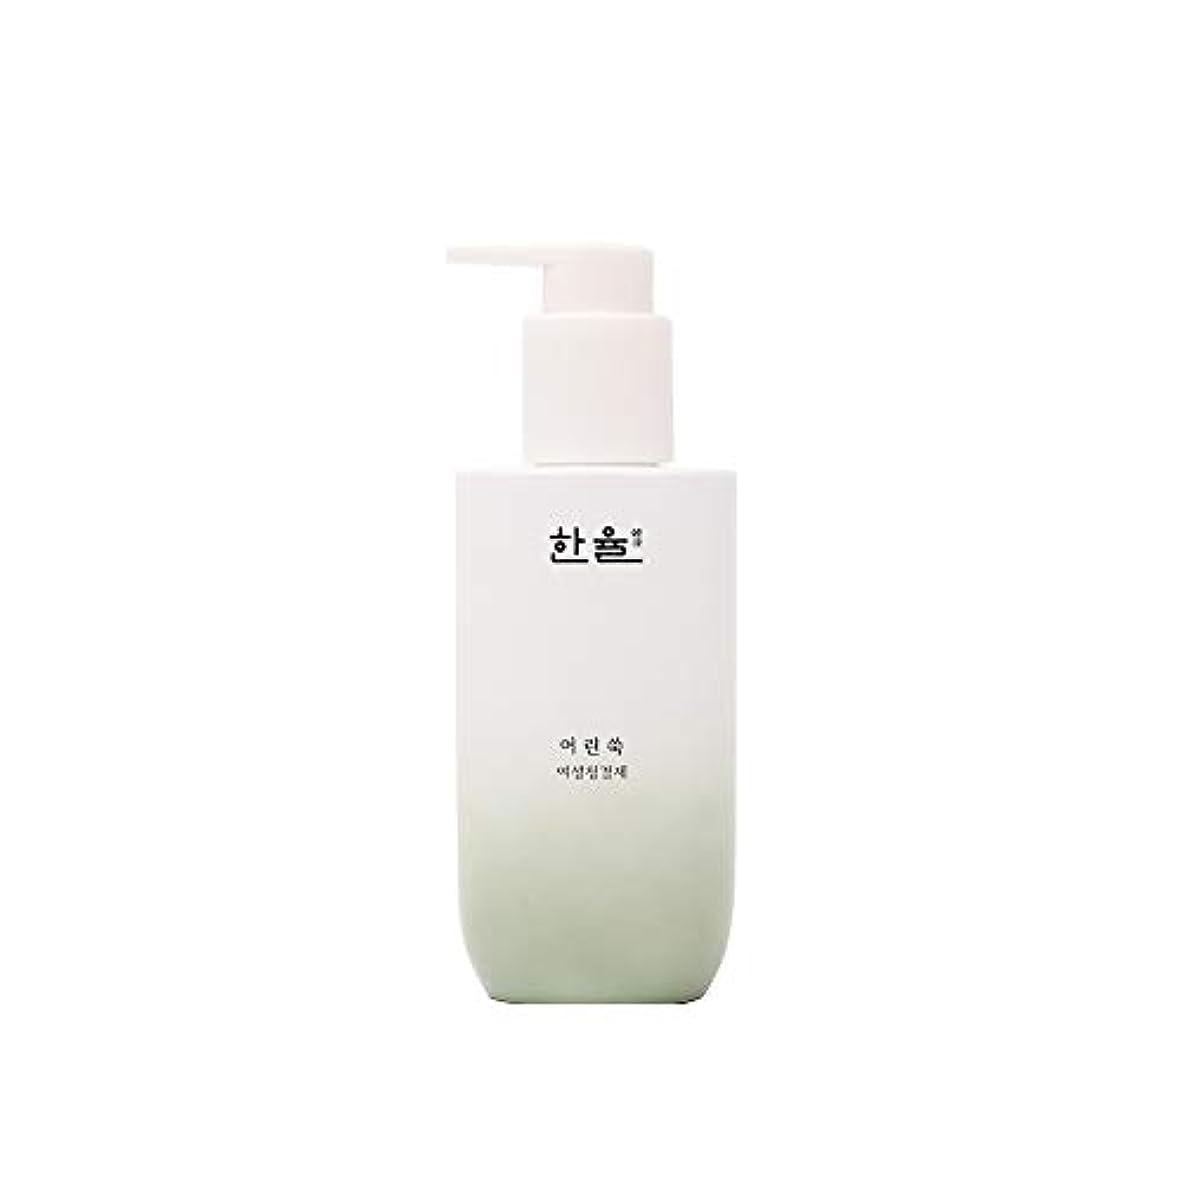 うんざり是正するチョップ【HANYUL公式】 ハンユル フェミニンケアジェル 200ml / Hanyul Pure Artemisia Feminine care gel 200ml